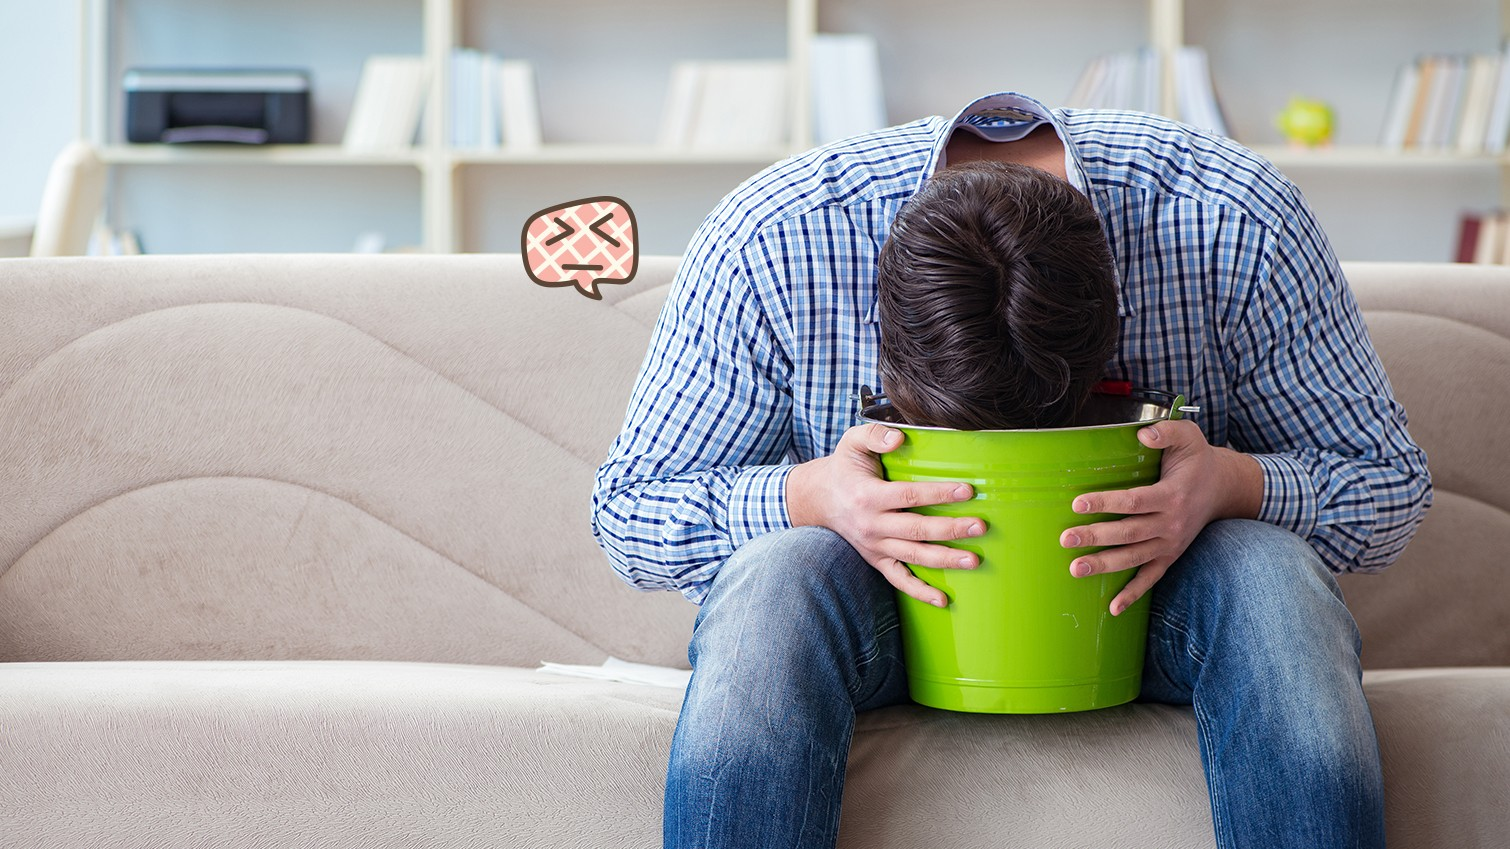 Terbiasa Muntah Setelah Makan? Bisa Jadi Ini 3 Penyebabnya! | Orami